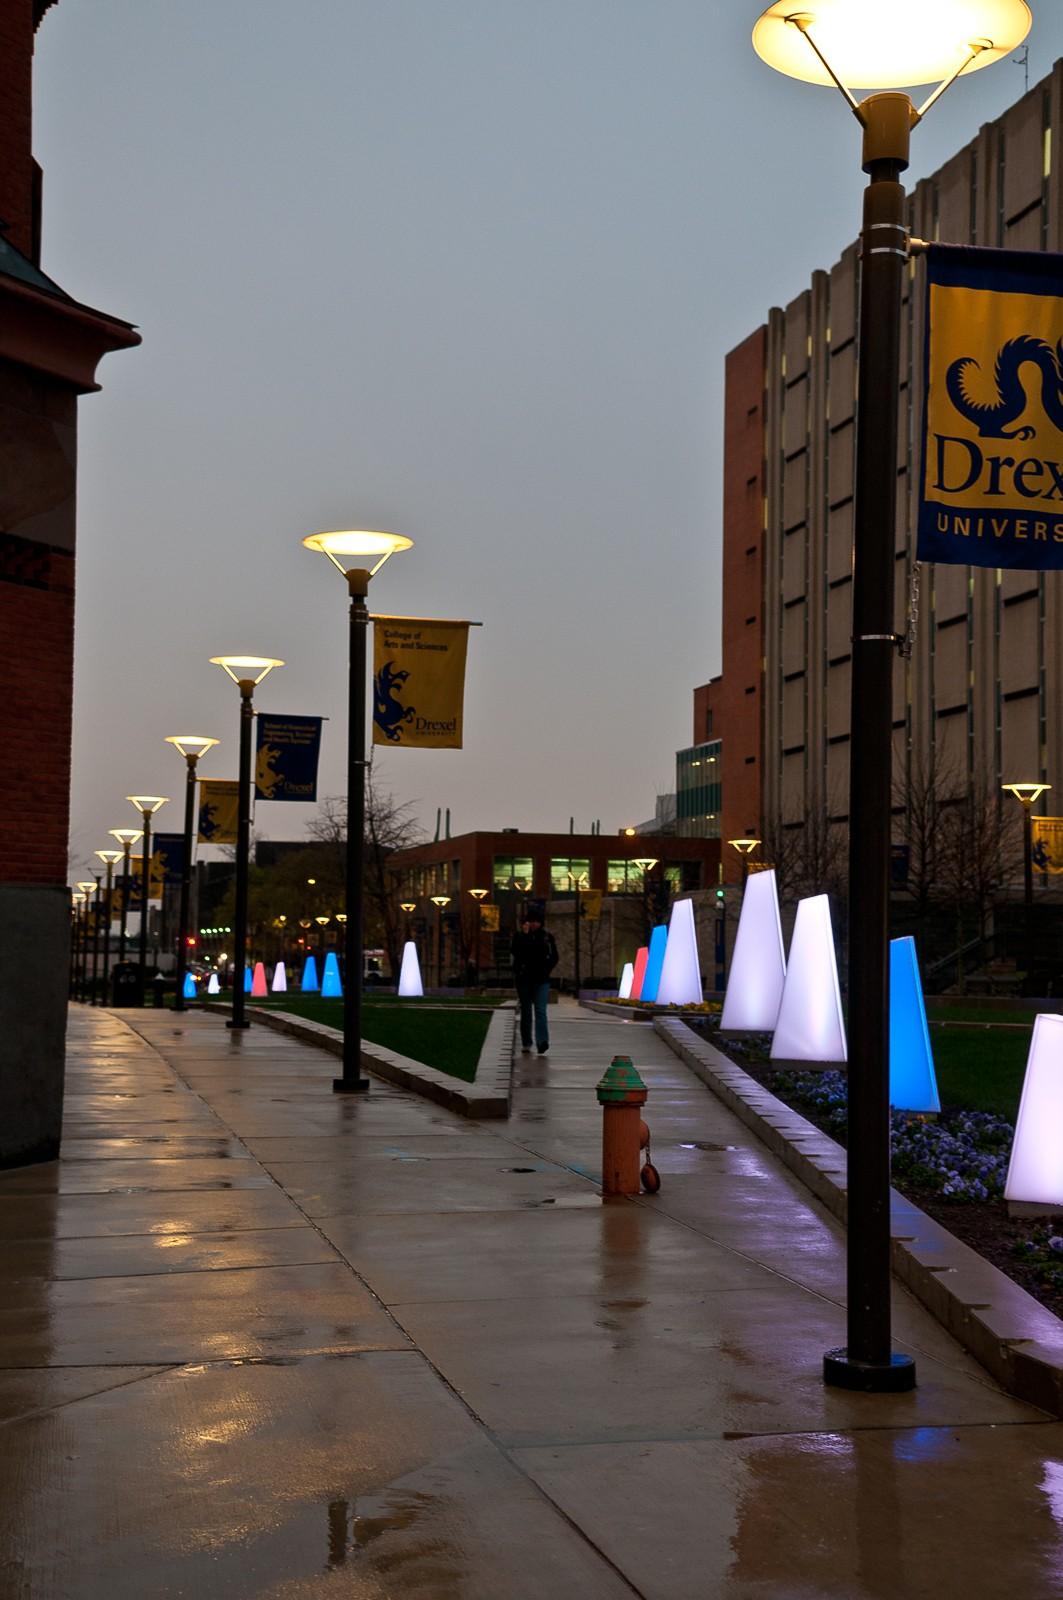 drexel-campus-3211